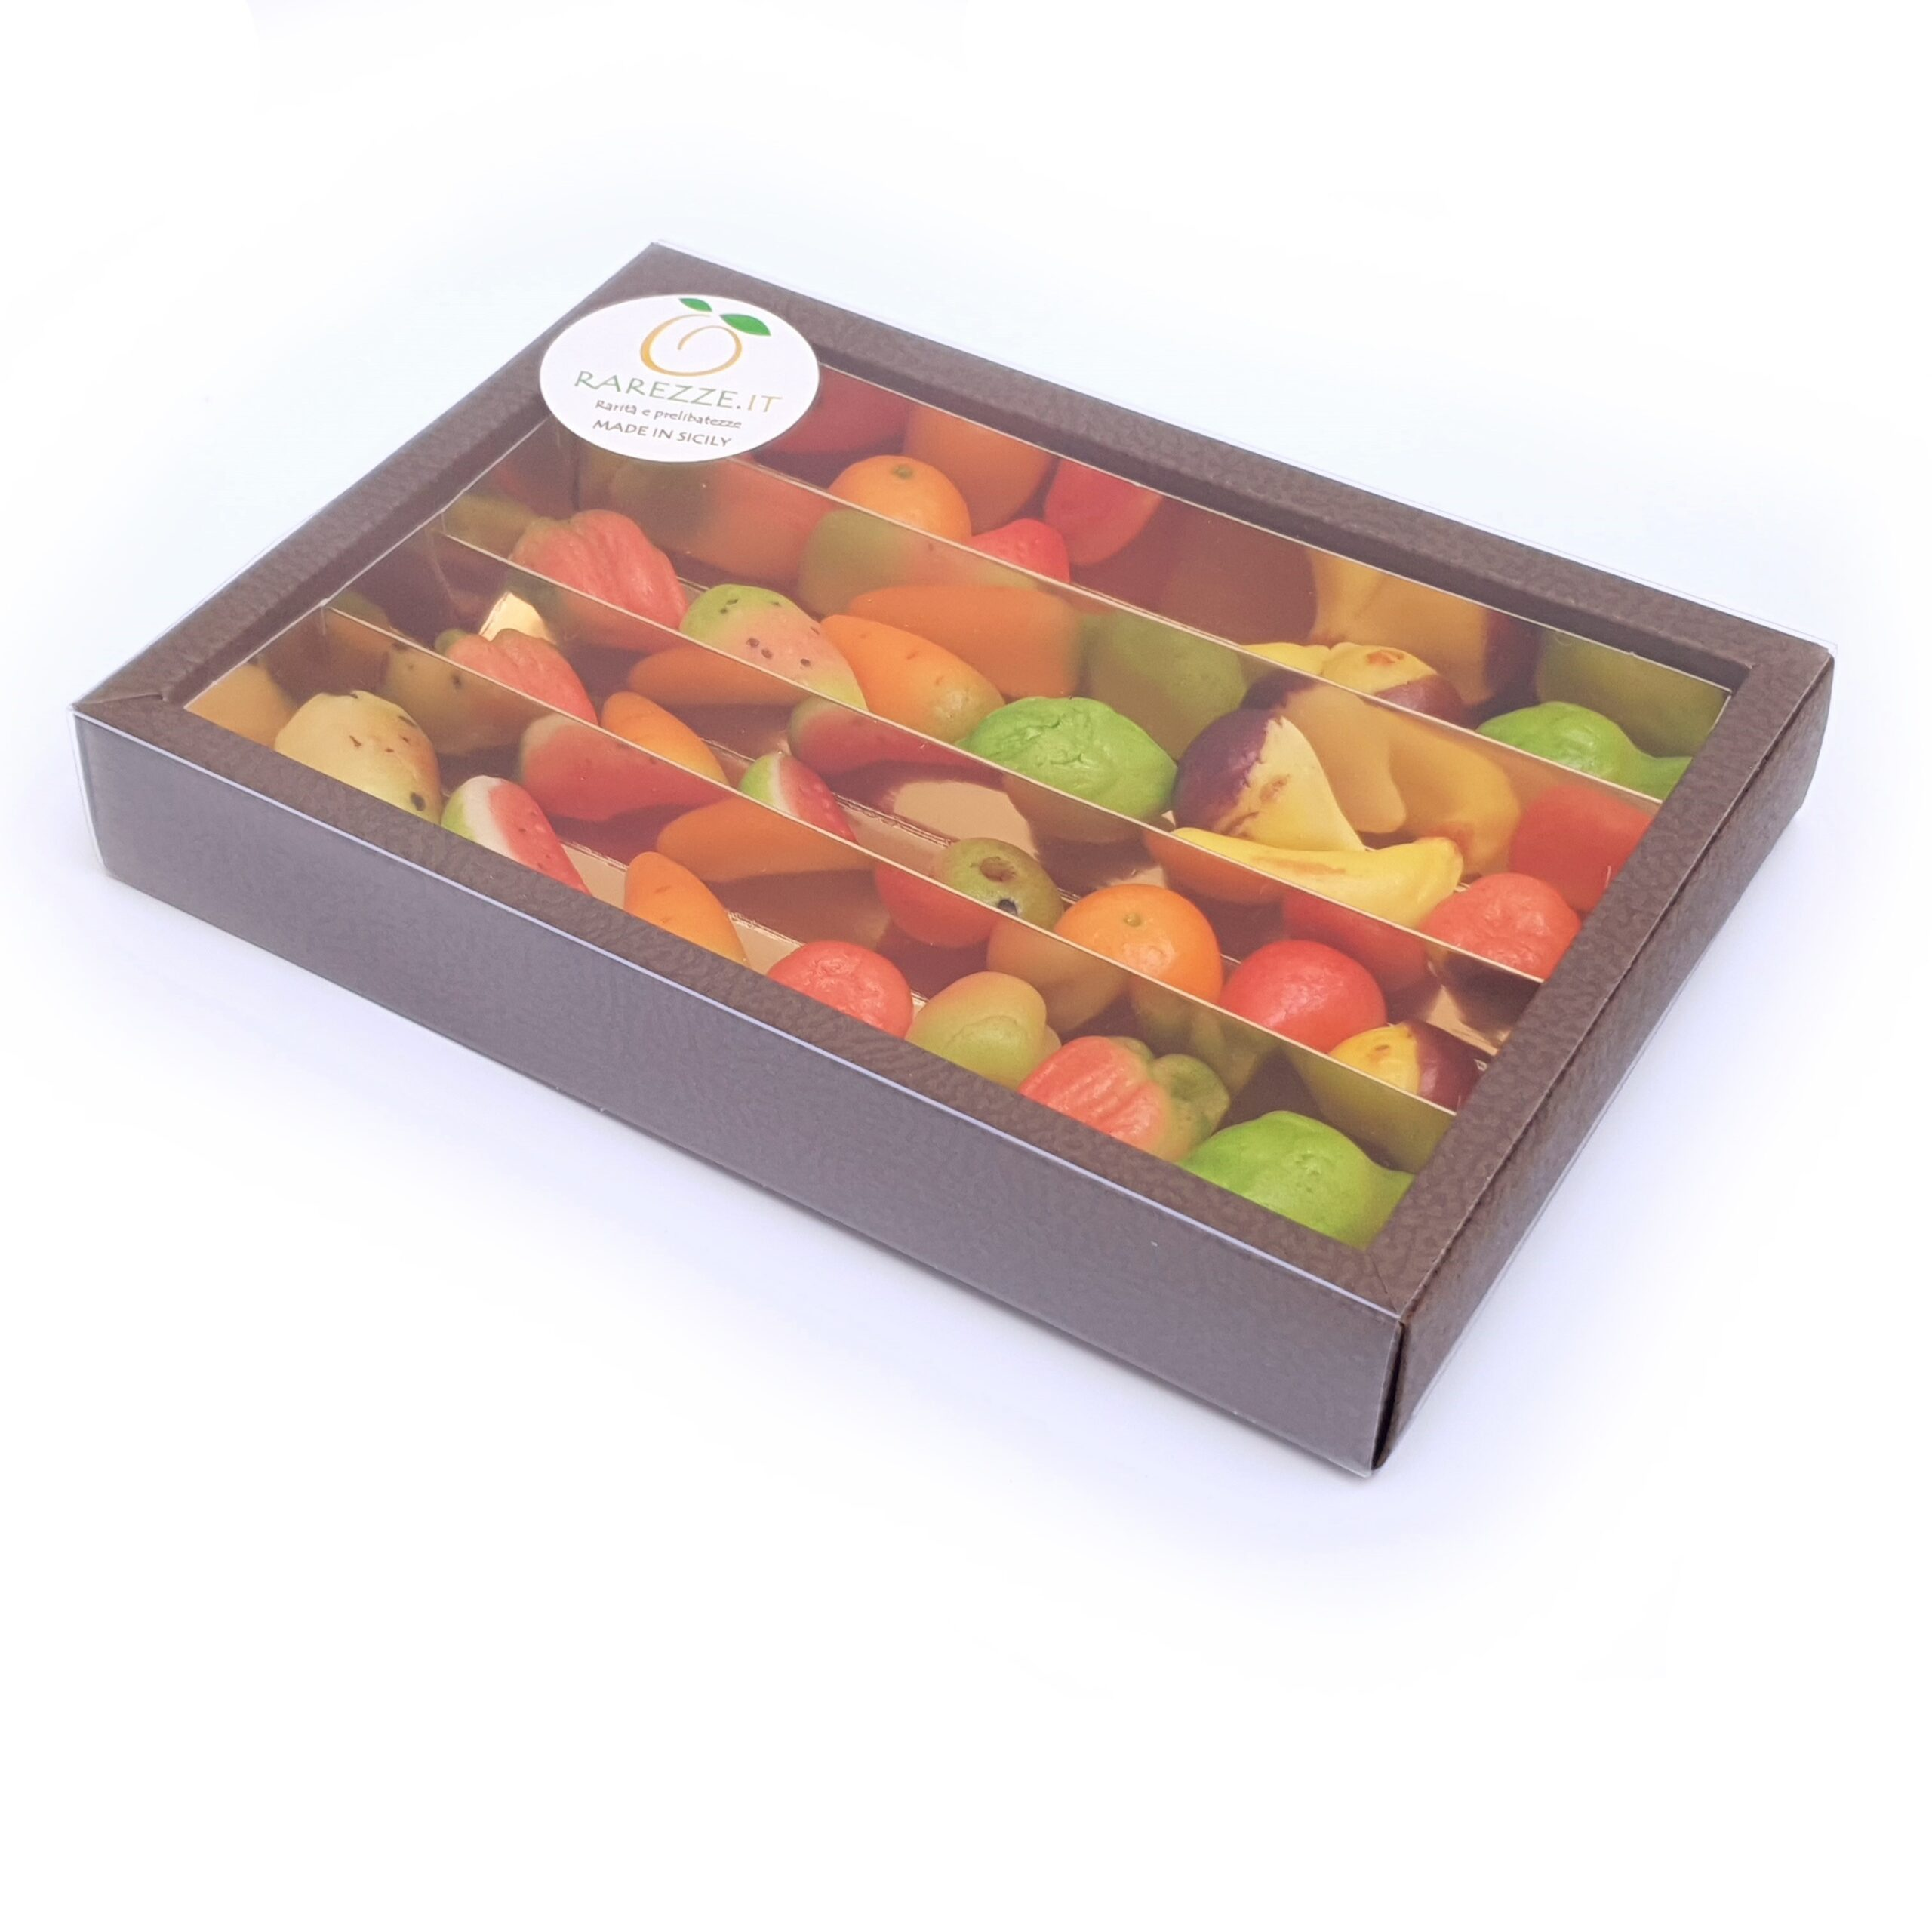 Frutta martorana in confezione regalo